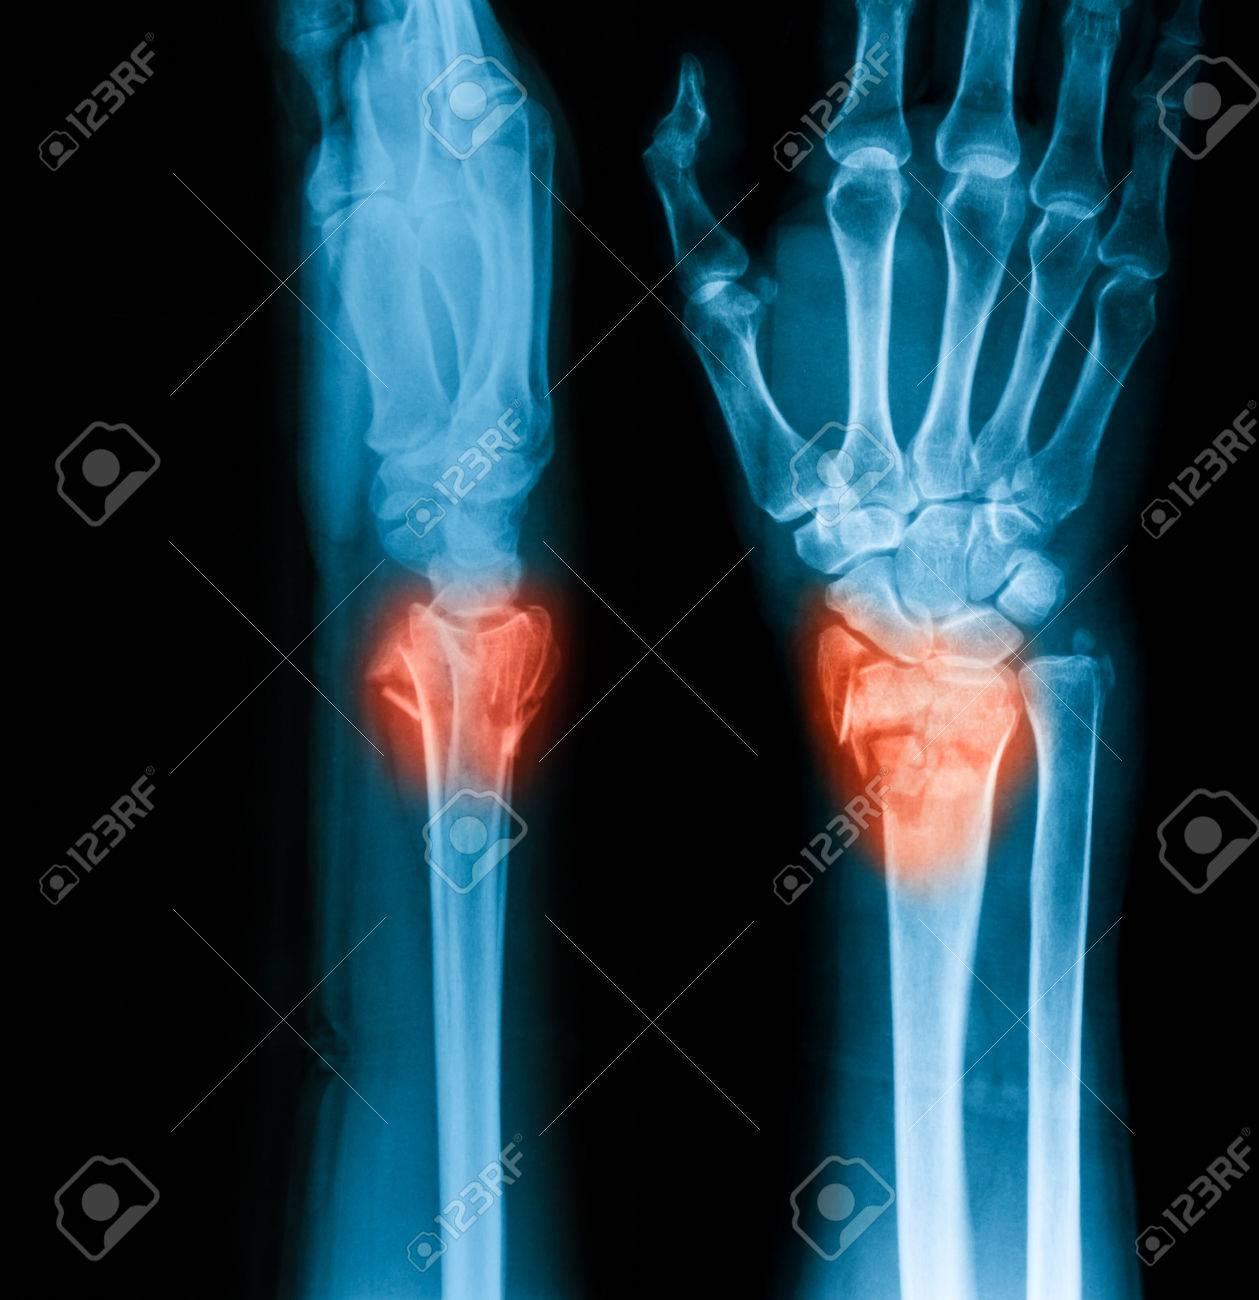 Imagen De La Radiografía De La Articulación De La Muñeca, PA Y ...